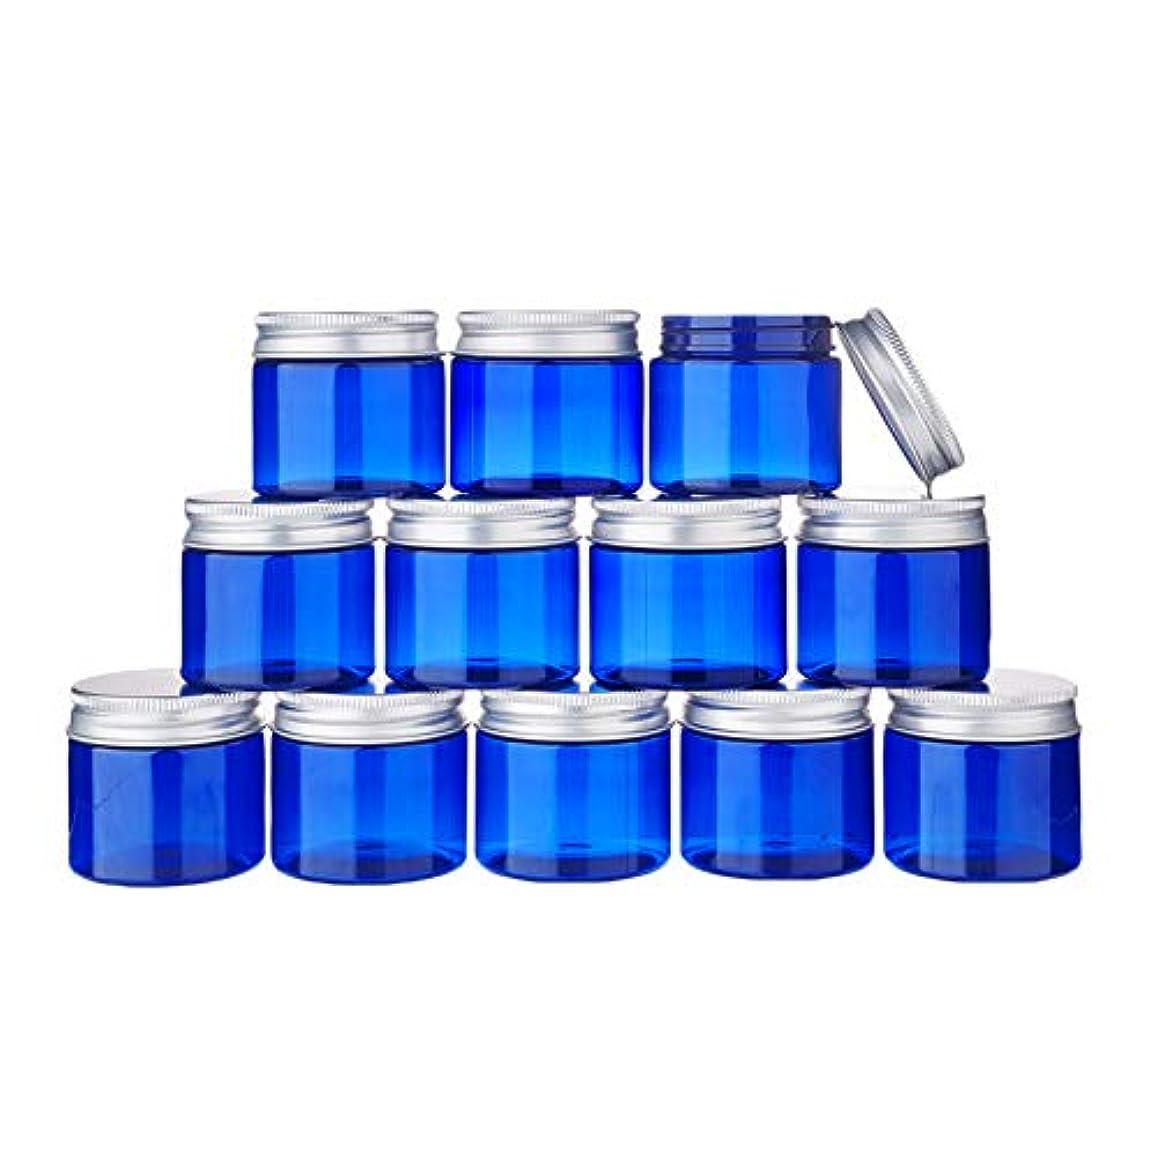 捕虜ドラマ前部BENECREAT 12個セット50gクリームケース 青色空ケース アルミ蓋 広口ケース クリーム ジェル 小分けケース 詰め替えケース